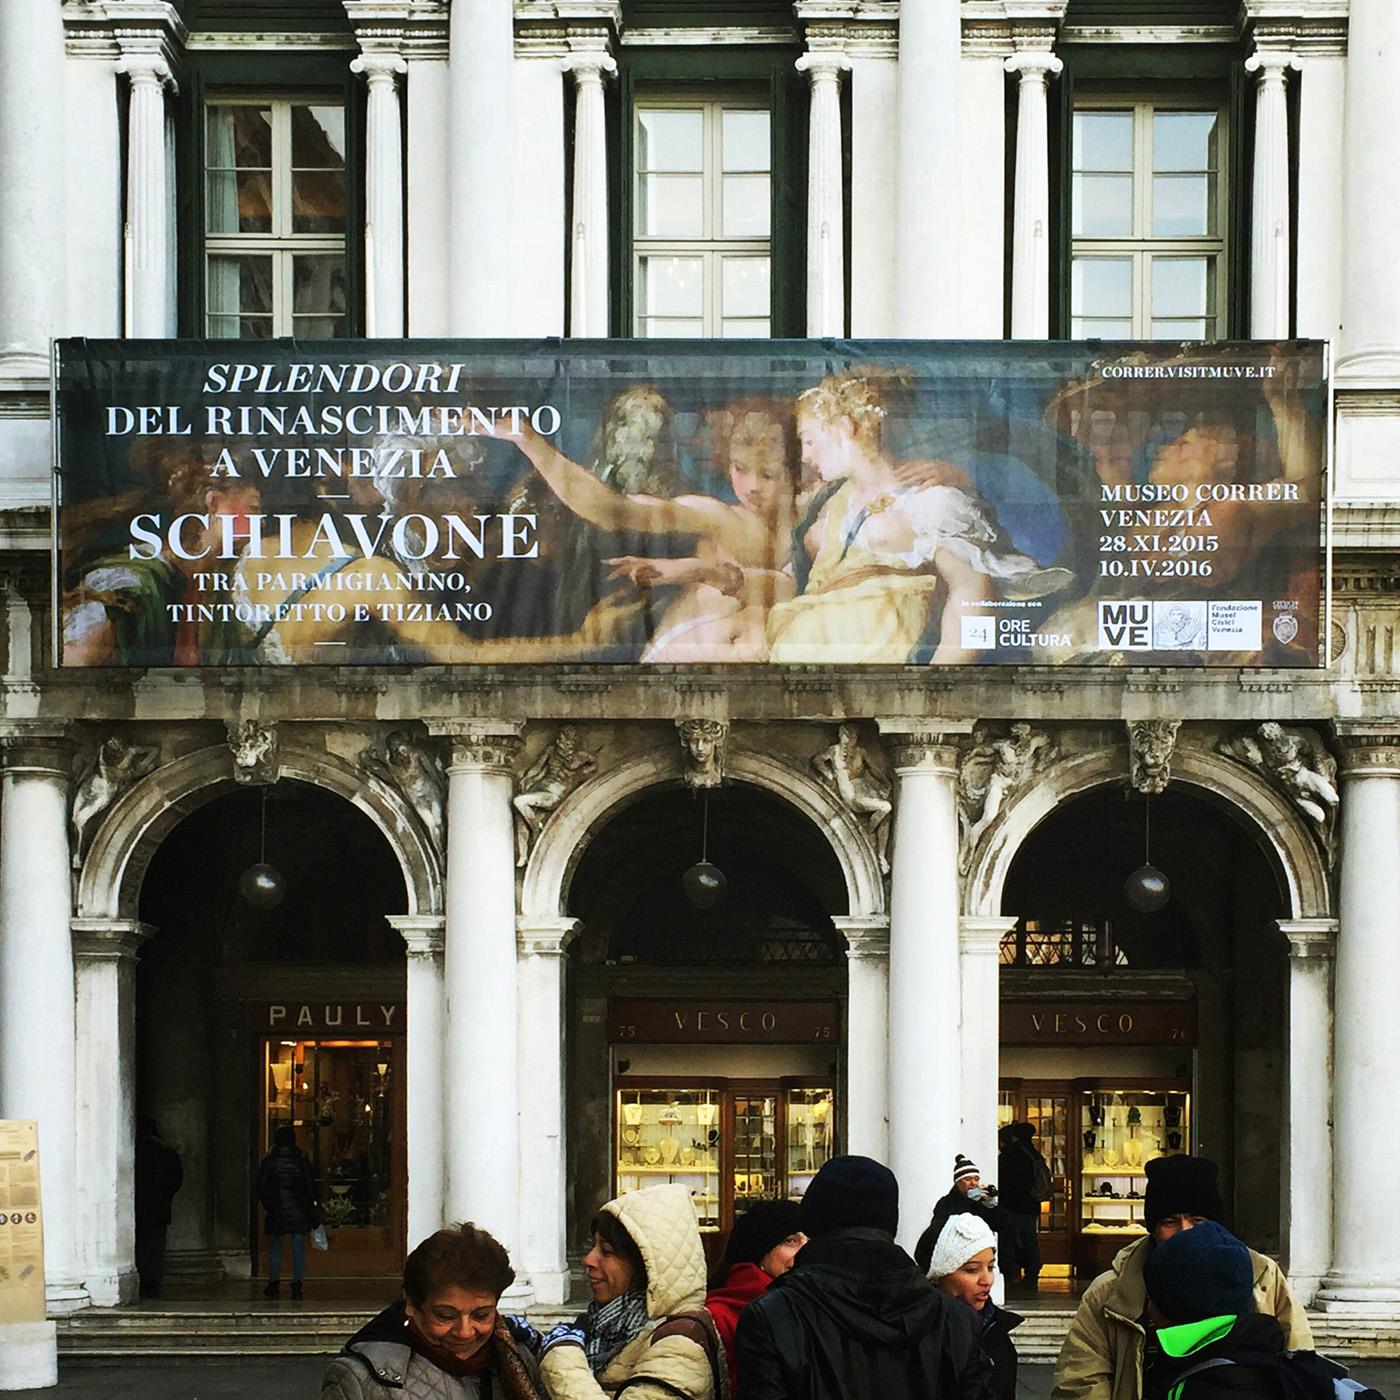 Splendoridel-Rinascimento-VenezianoSchiavone-tra-ParmigianinoTintoretto-e-Tiziano-003